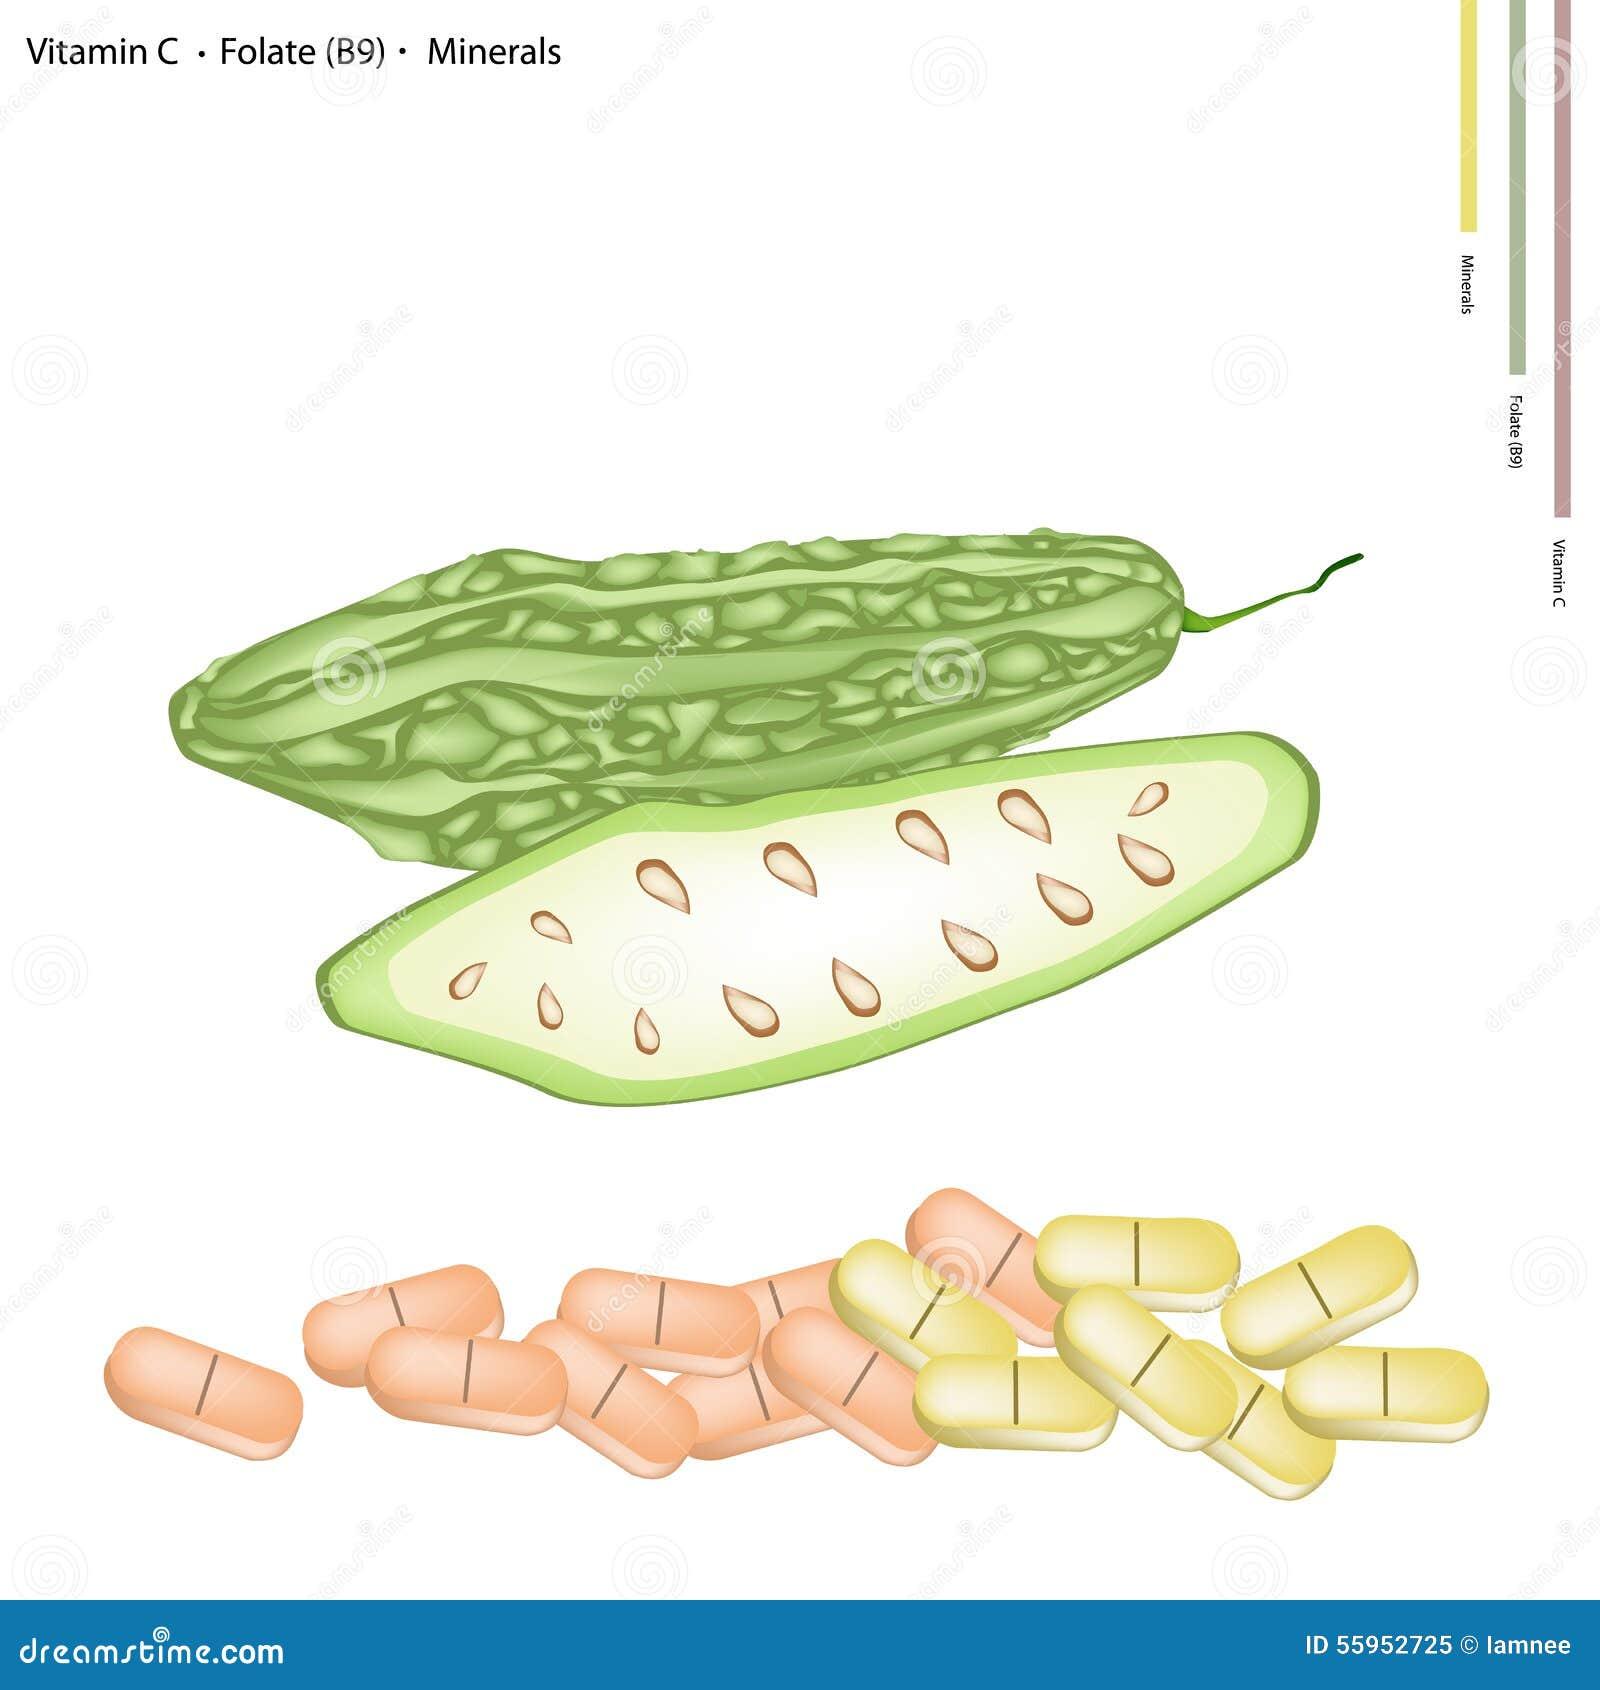 Courge amère avec la vitamine C, le B9 et les minerais